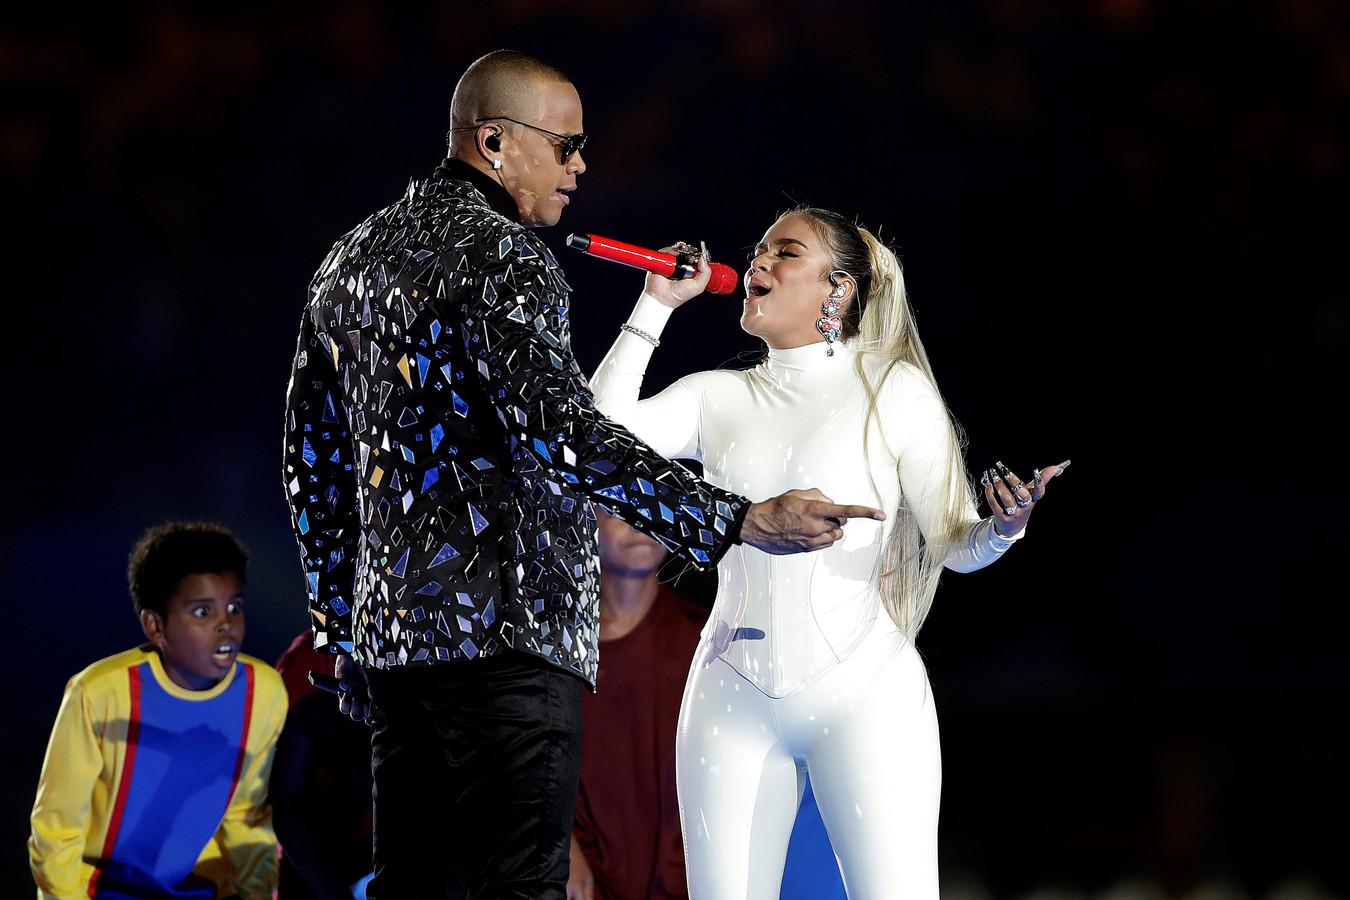 De Braziliaanse zanger Leo Santana en de Colombiaanse zangeres Karol G vertolkten tijdens de openingsceremonie de hymne van het toernooi.